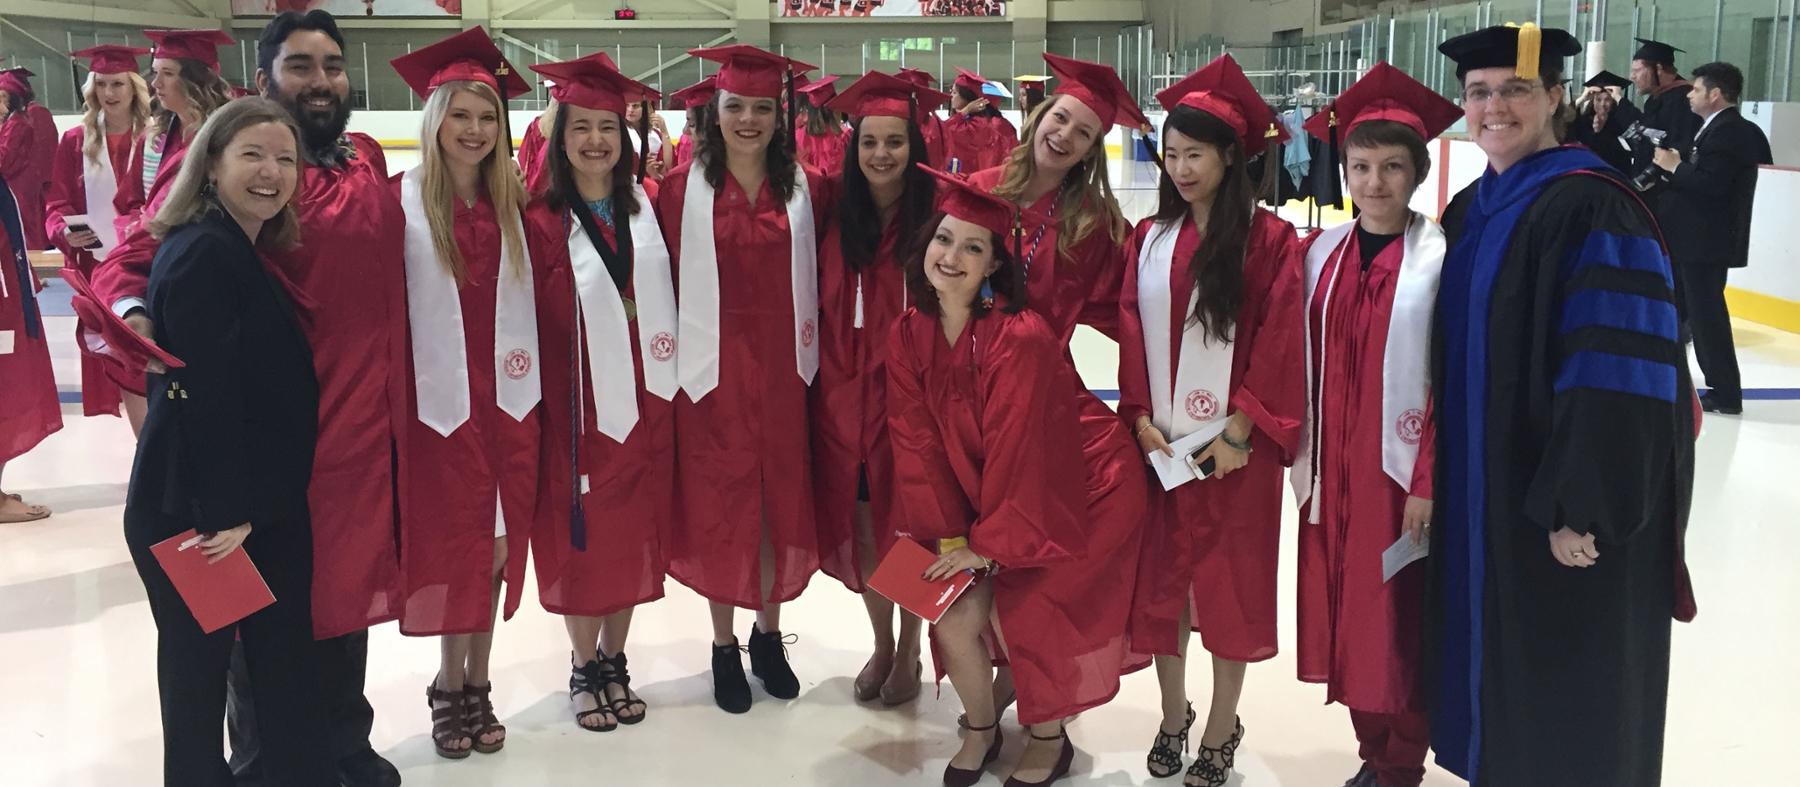 Recent art education graduates pose at Goggin Ice Arena